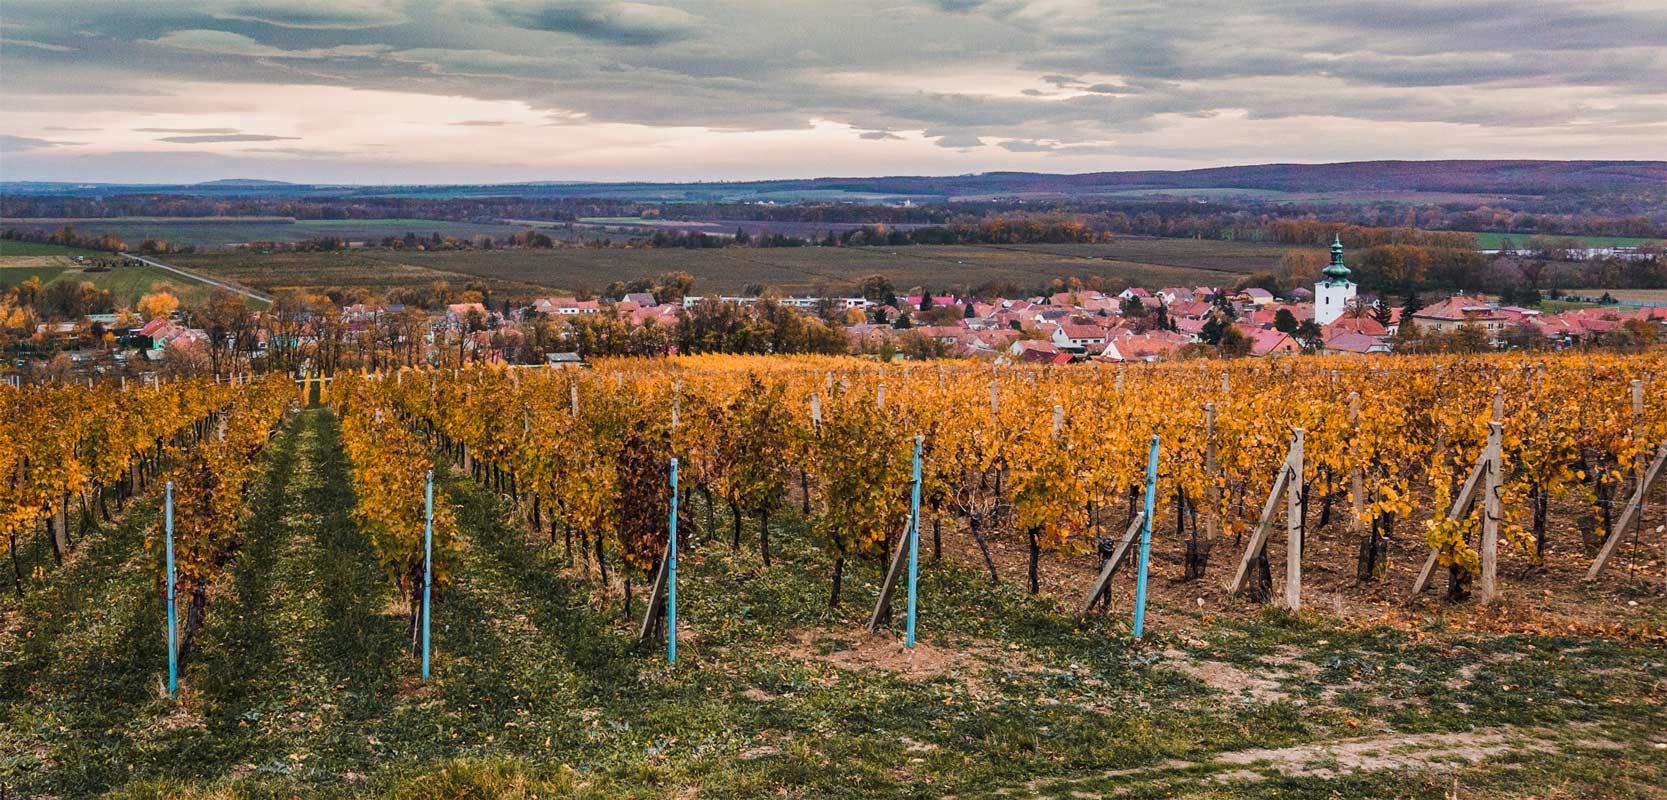 vinarstvi-pritluky-zdenek-bukovsky-vinohrad